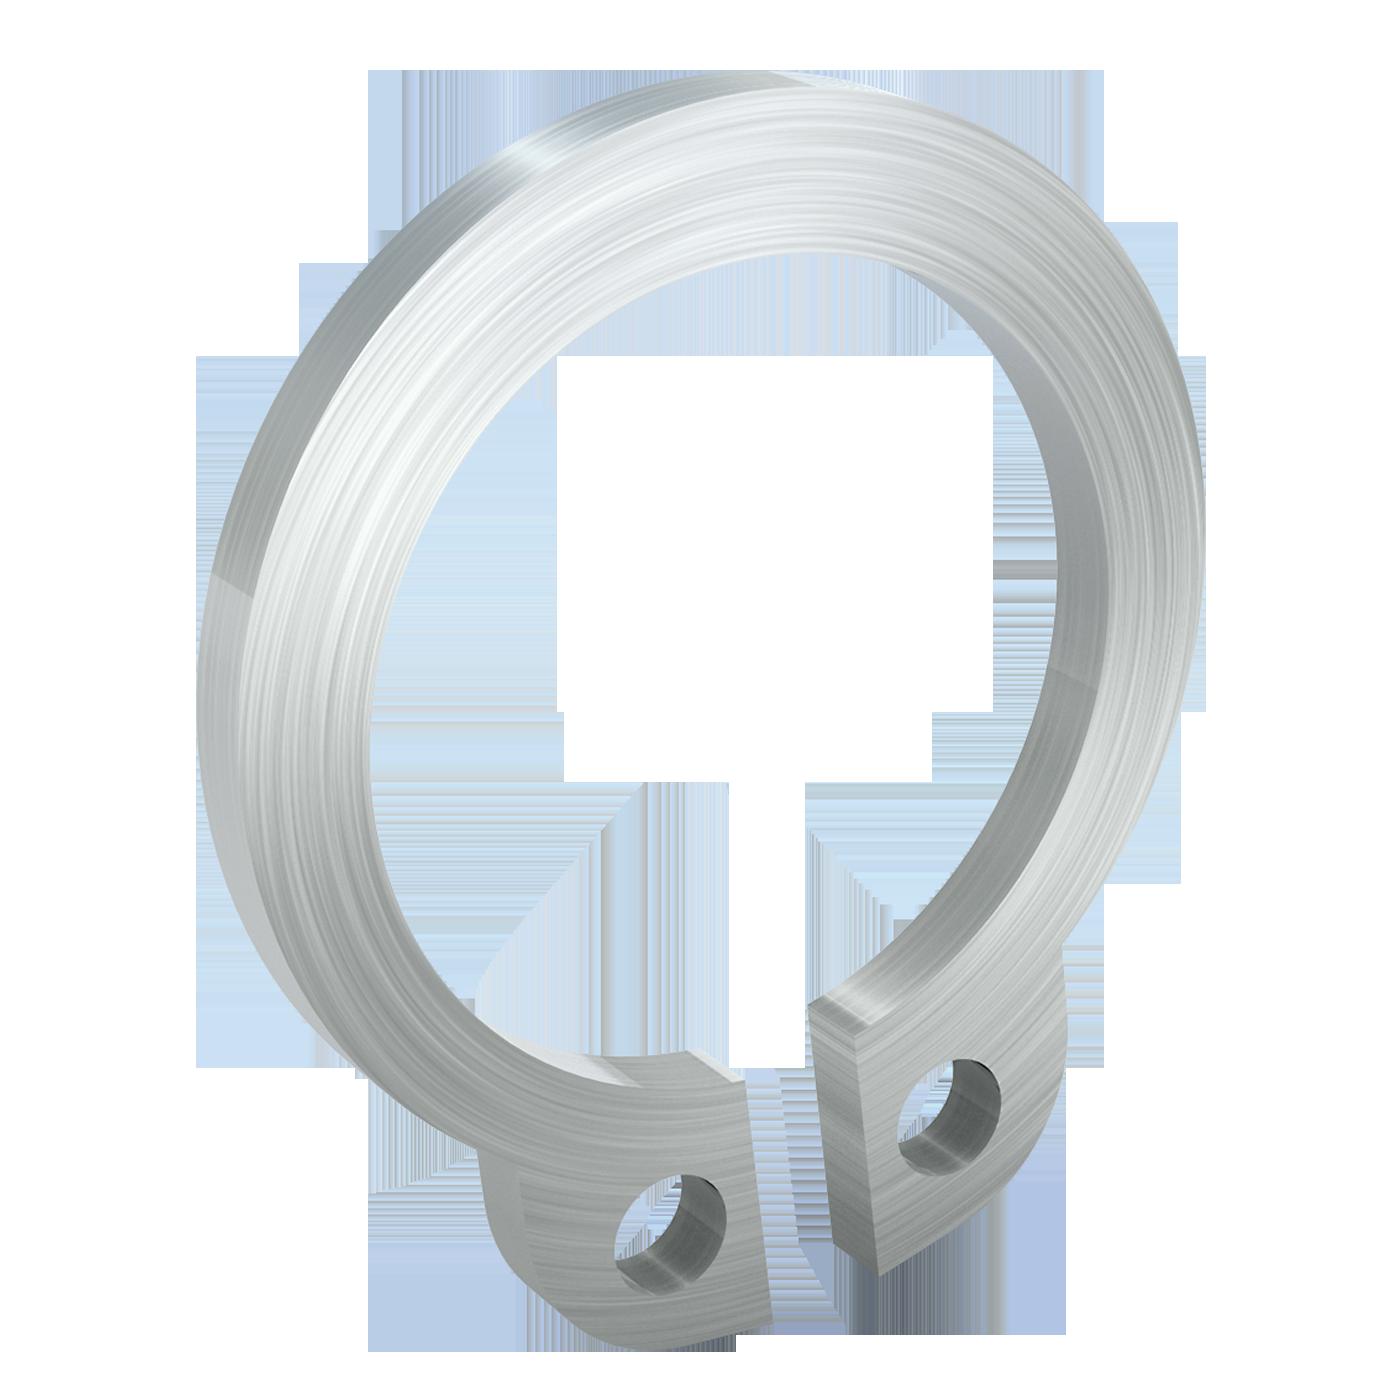 mbo Oßwald hat Sicherungsringe DIN 471 in seinem Sortiment. Dieser Sicherungsring ist für Bolzen und Wellen mit Einstich, bzw. Nut. Angeboten werden diese aus Federstahl C67S oder C75S nach DIN EN 101322-4 oder alternativ in Edelstahl.